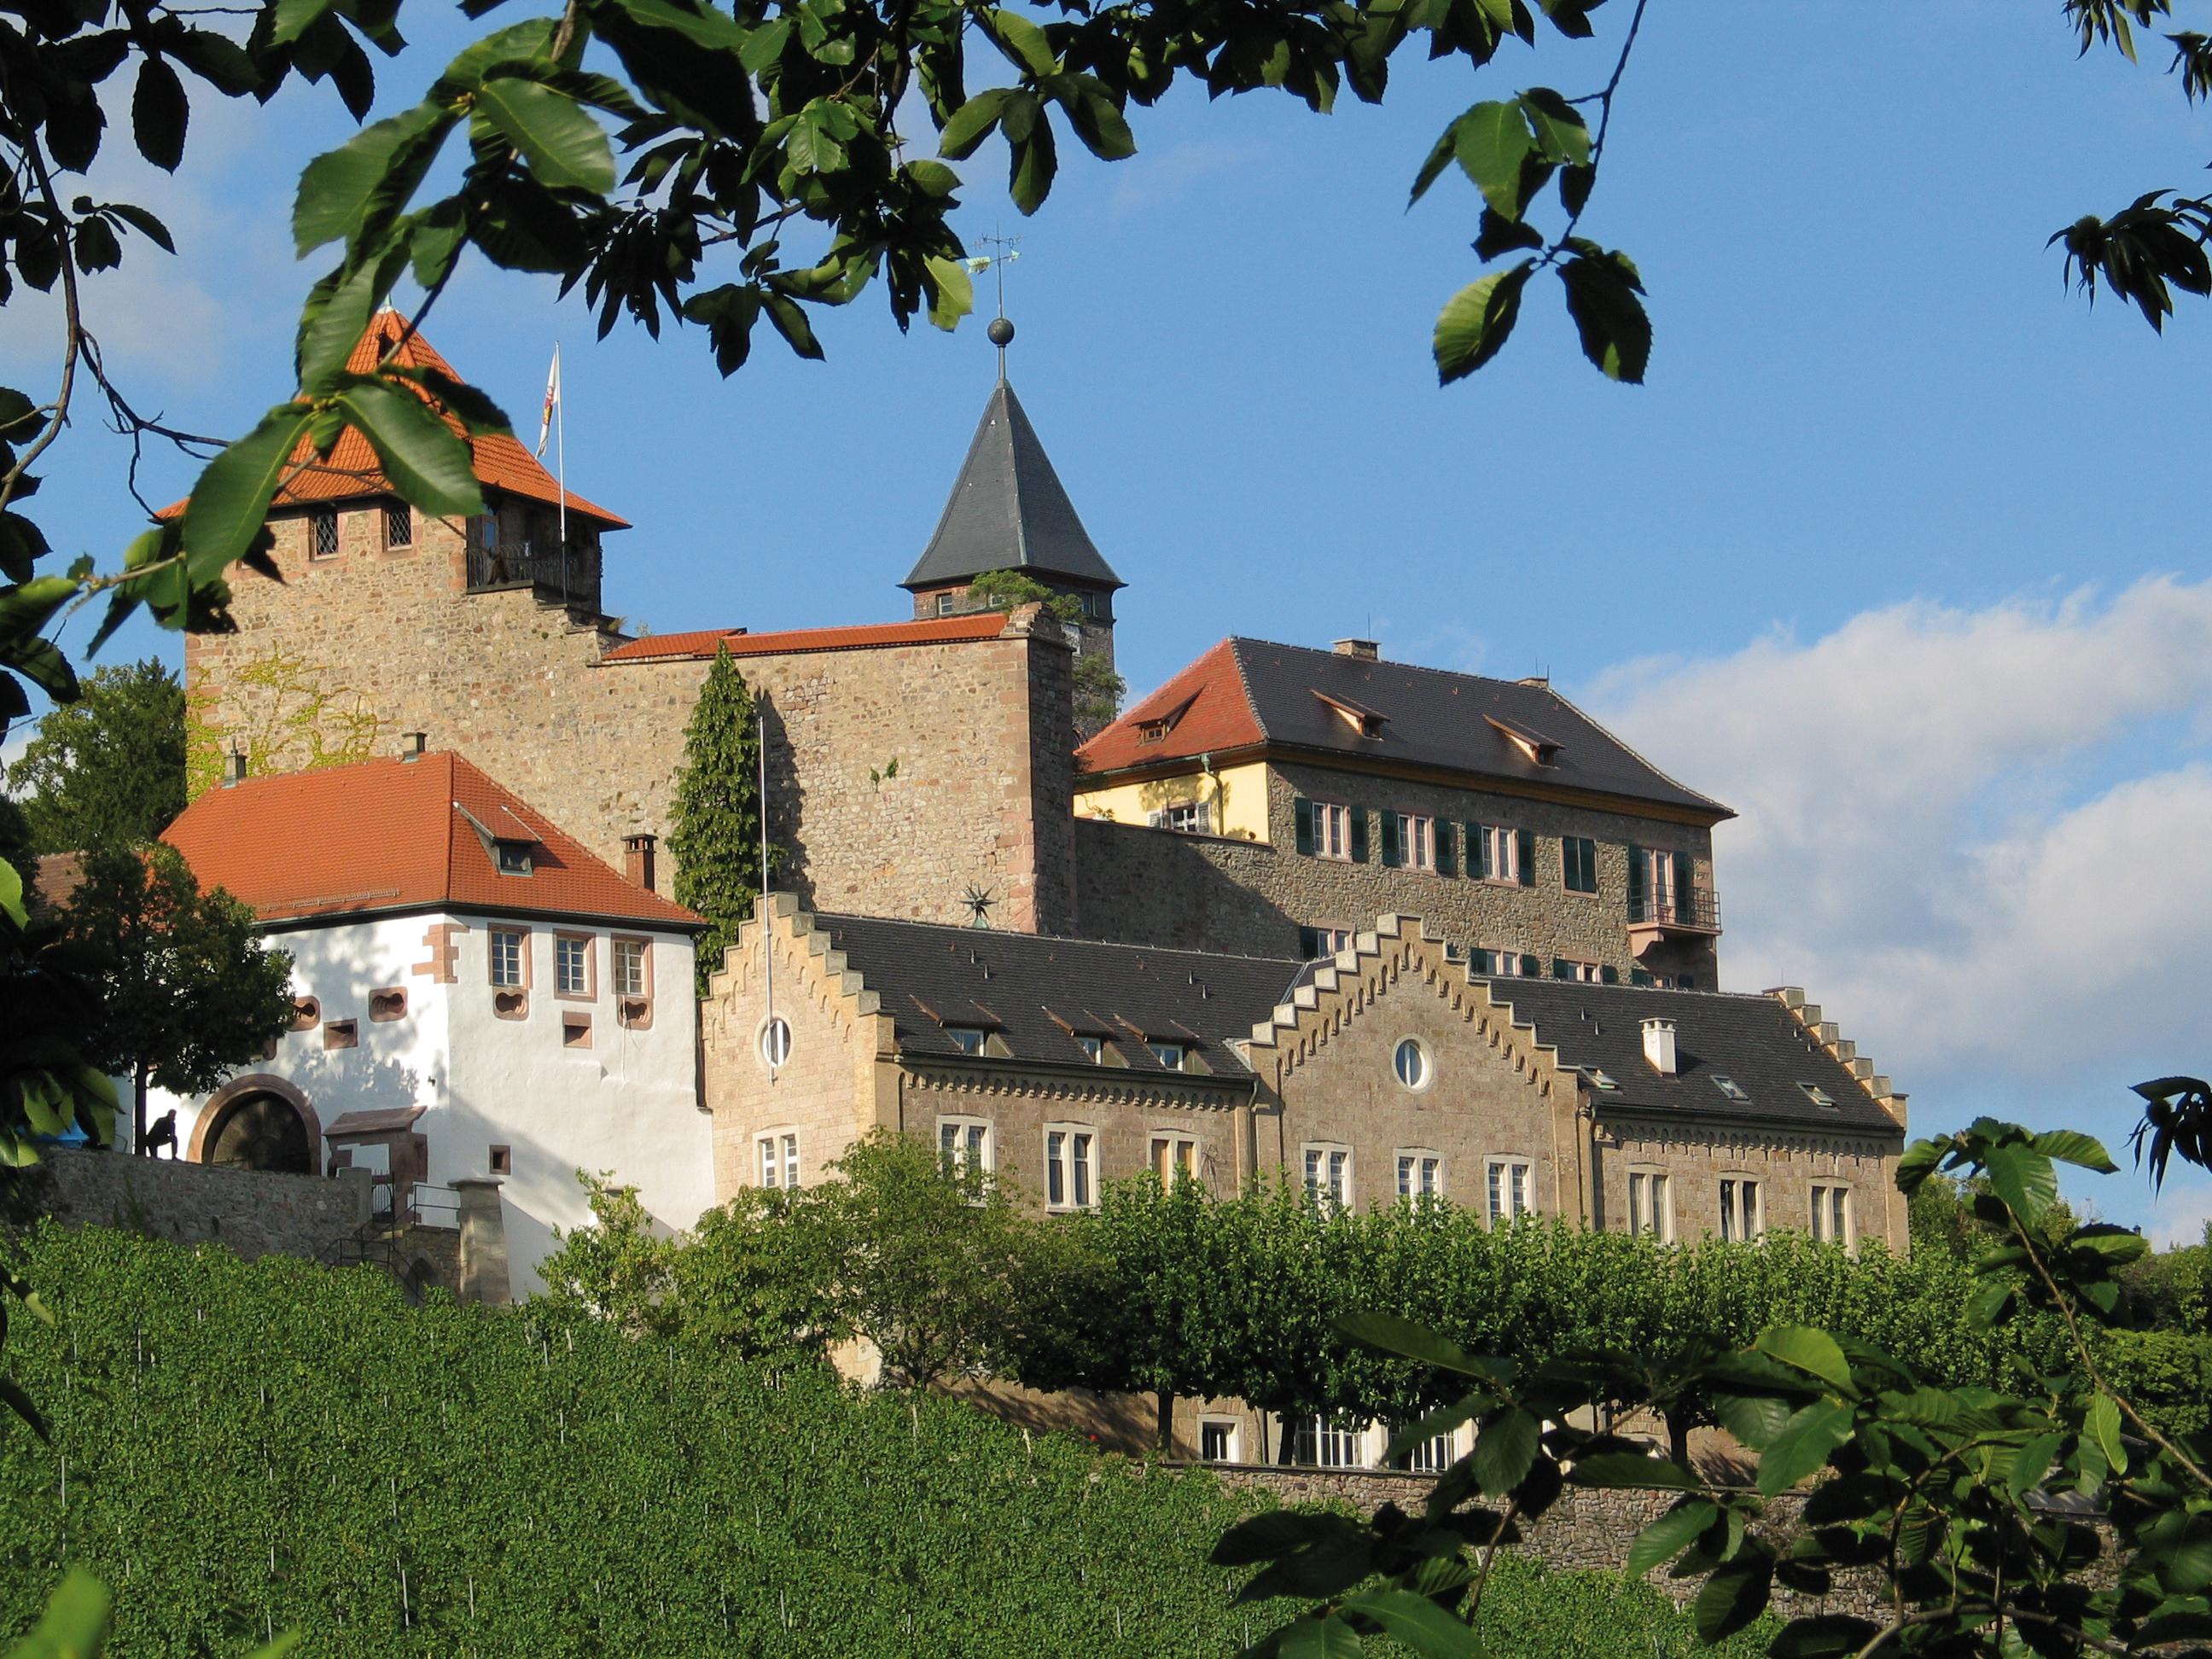 Gernsbach Schloss Eberstein